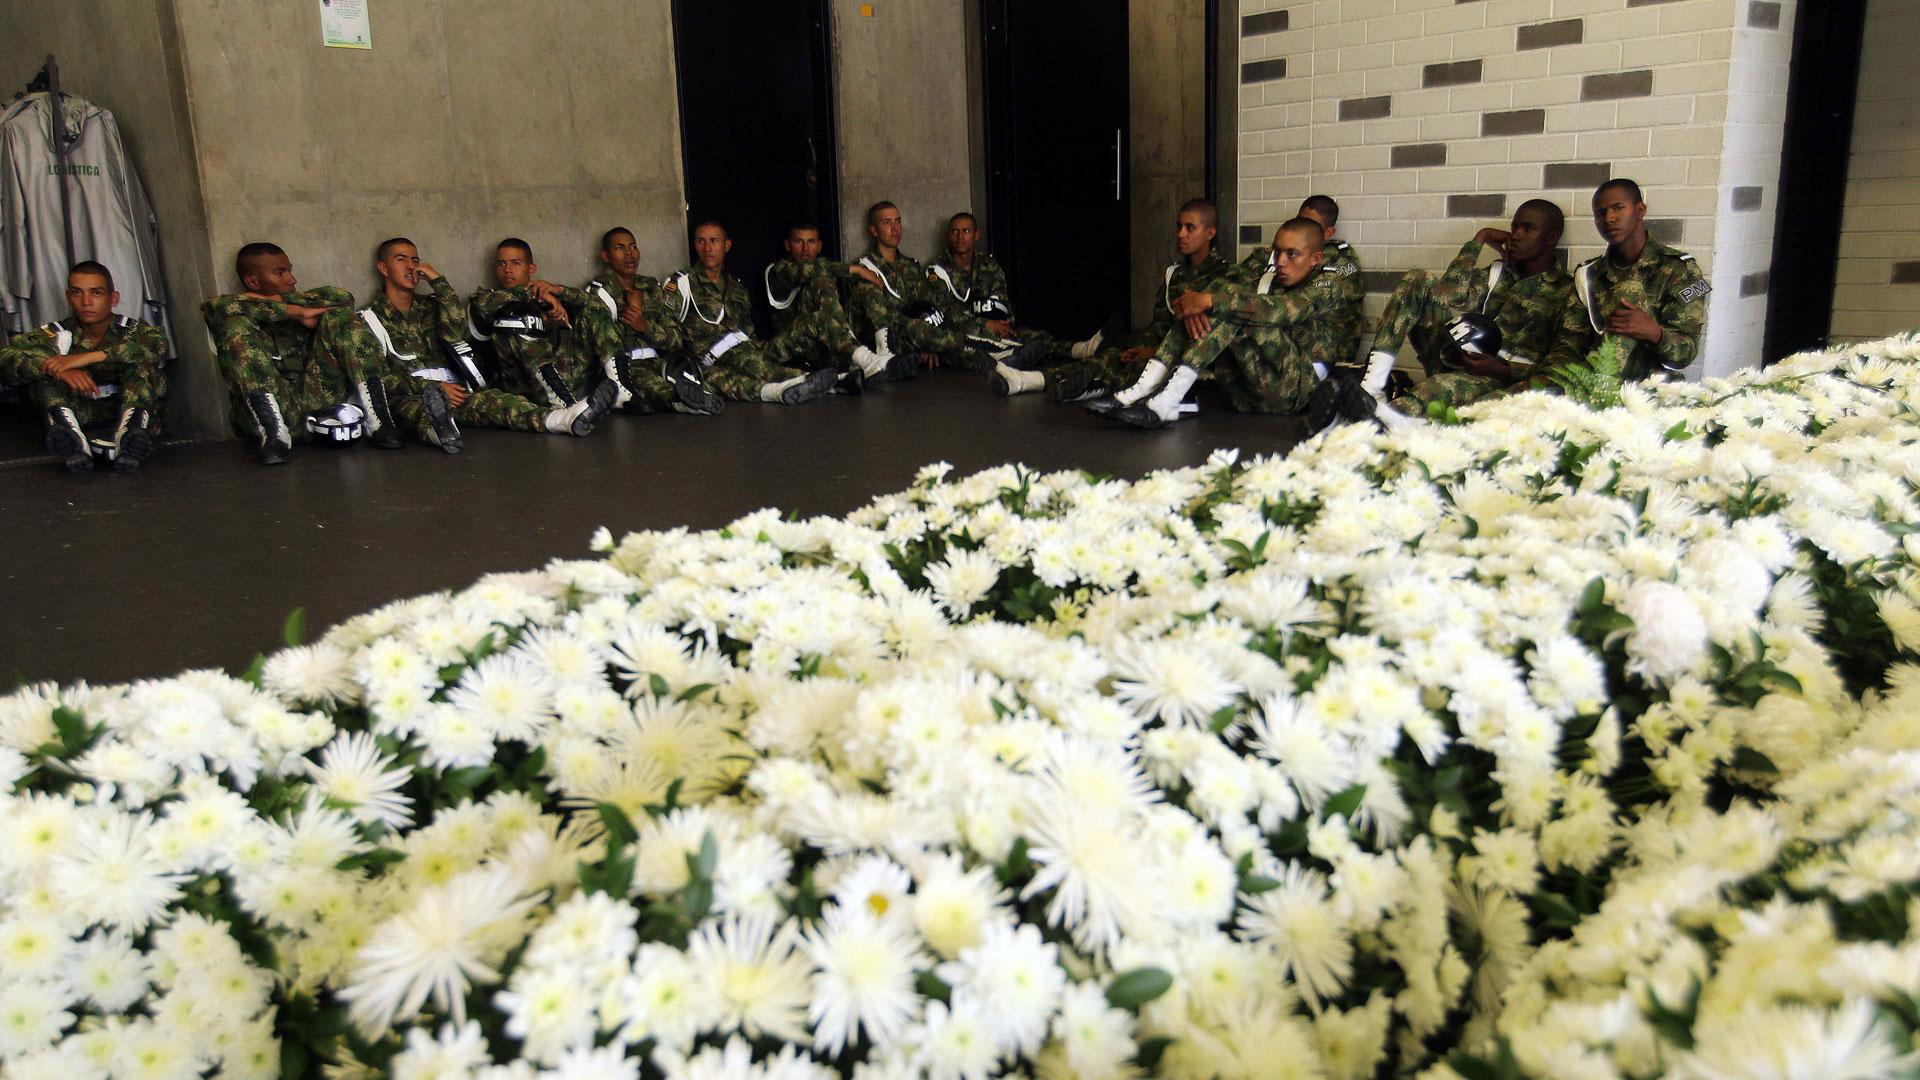 Los oficiales que estarán en el homenaje descansan